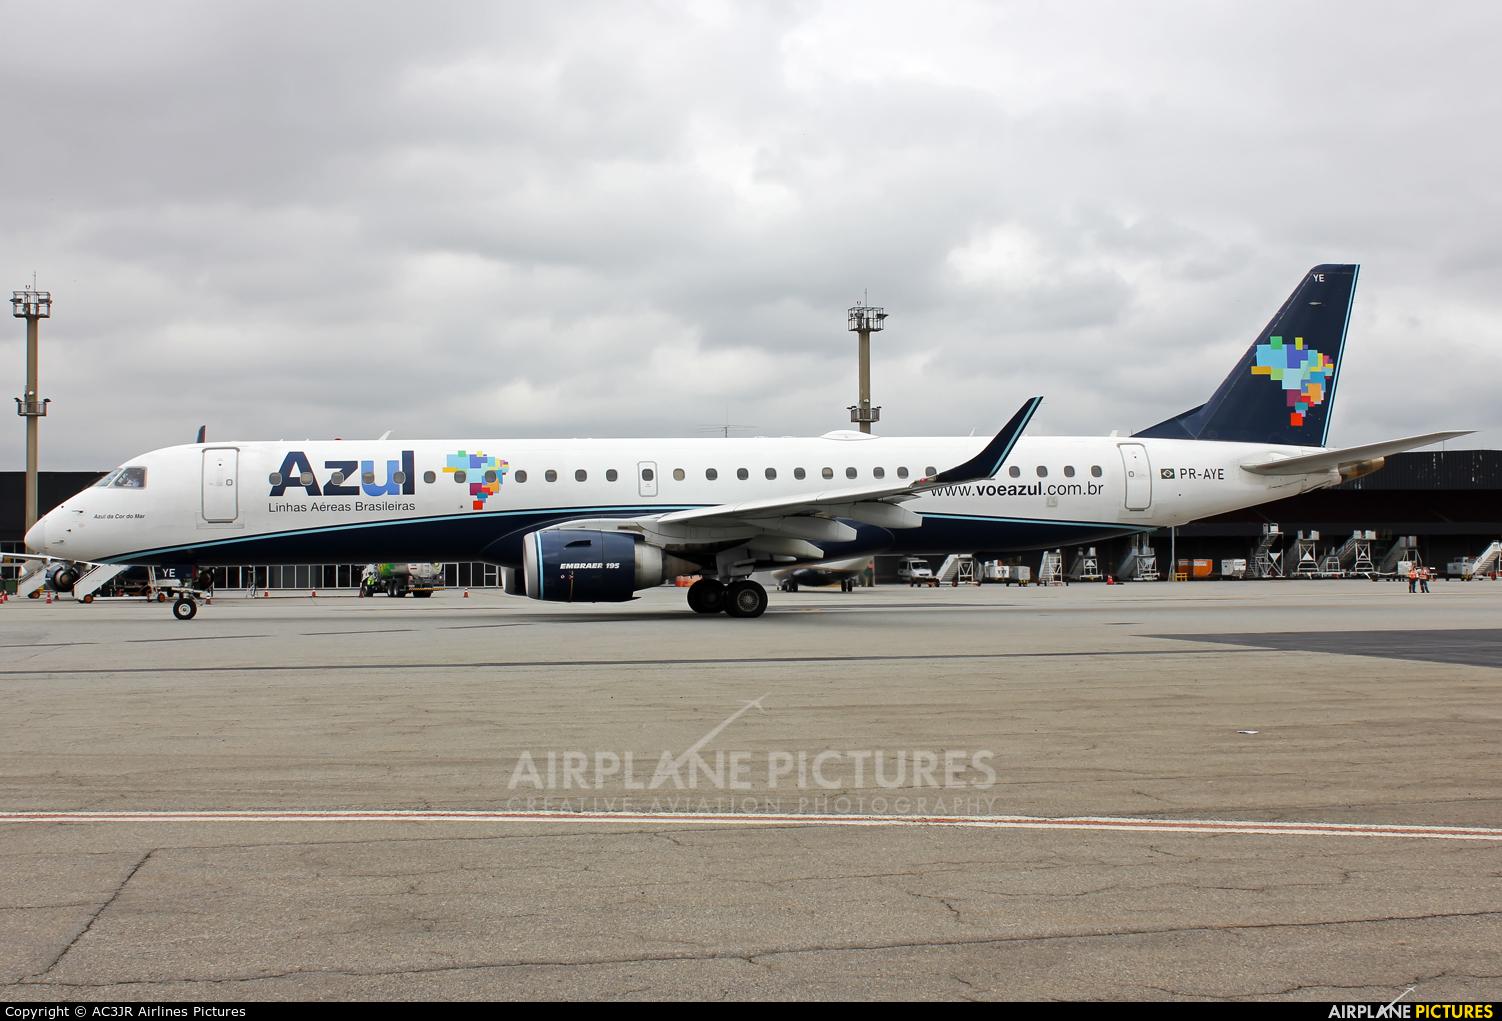 Azul Linhas Aéreas PR-AYE aircraft at São Paulo - Guarulhos